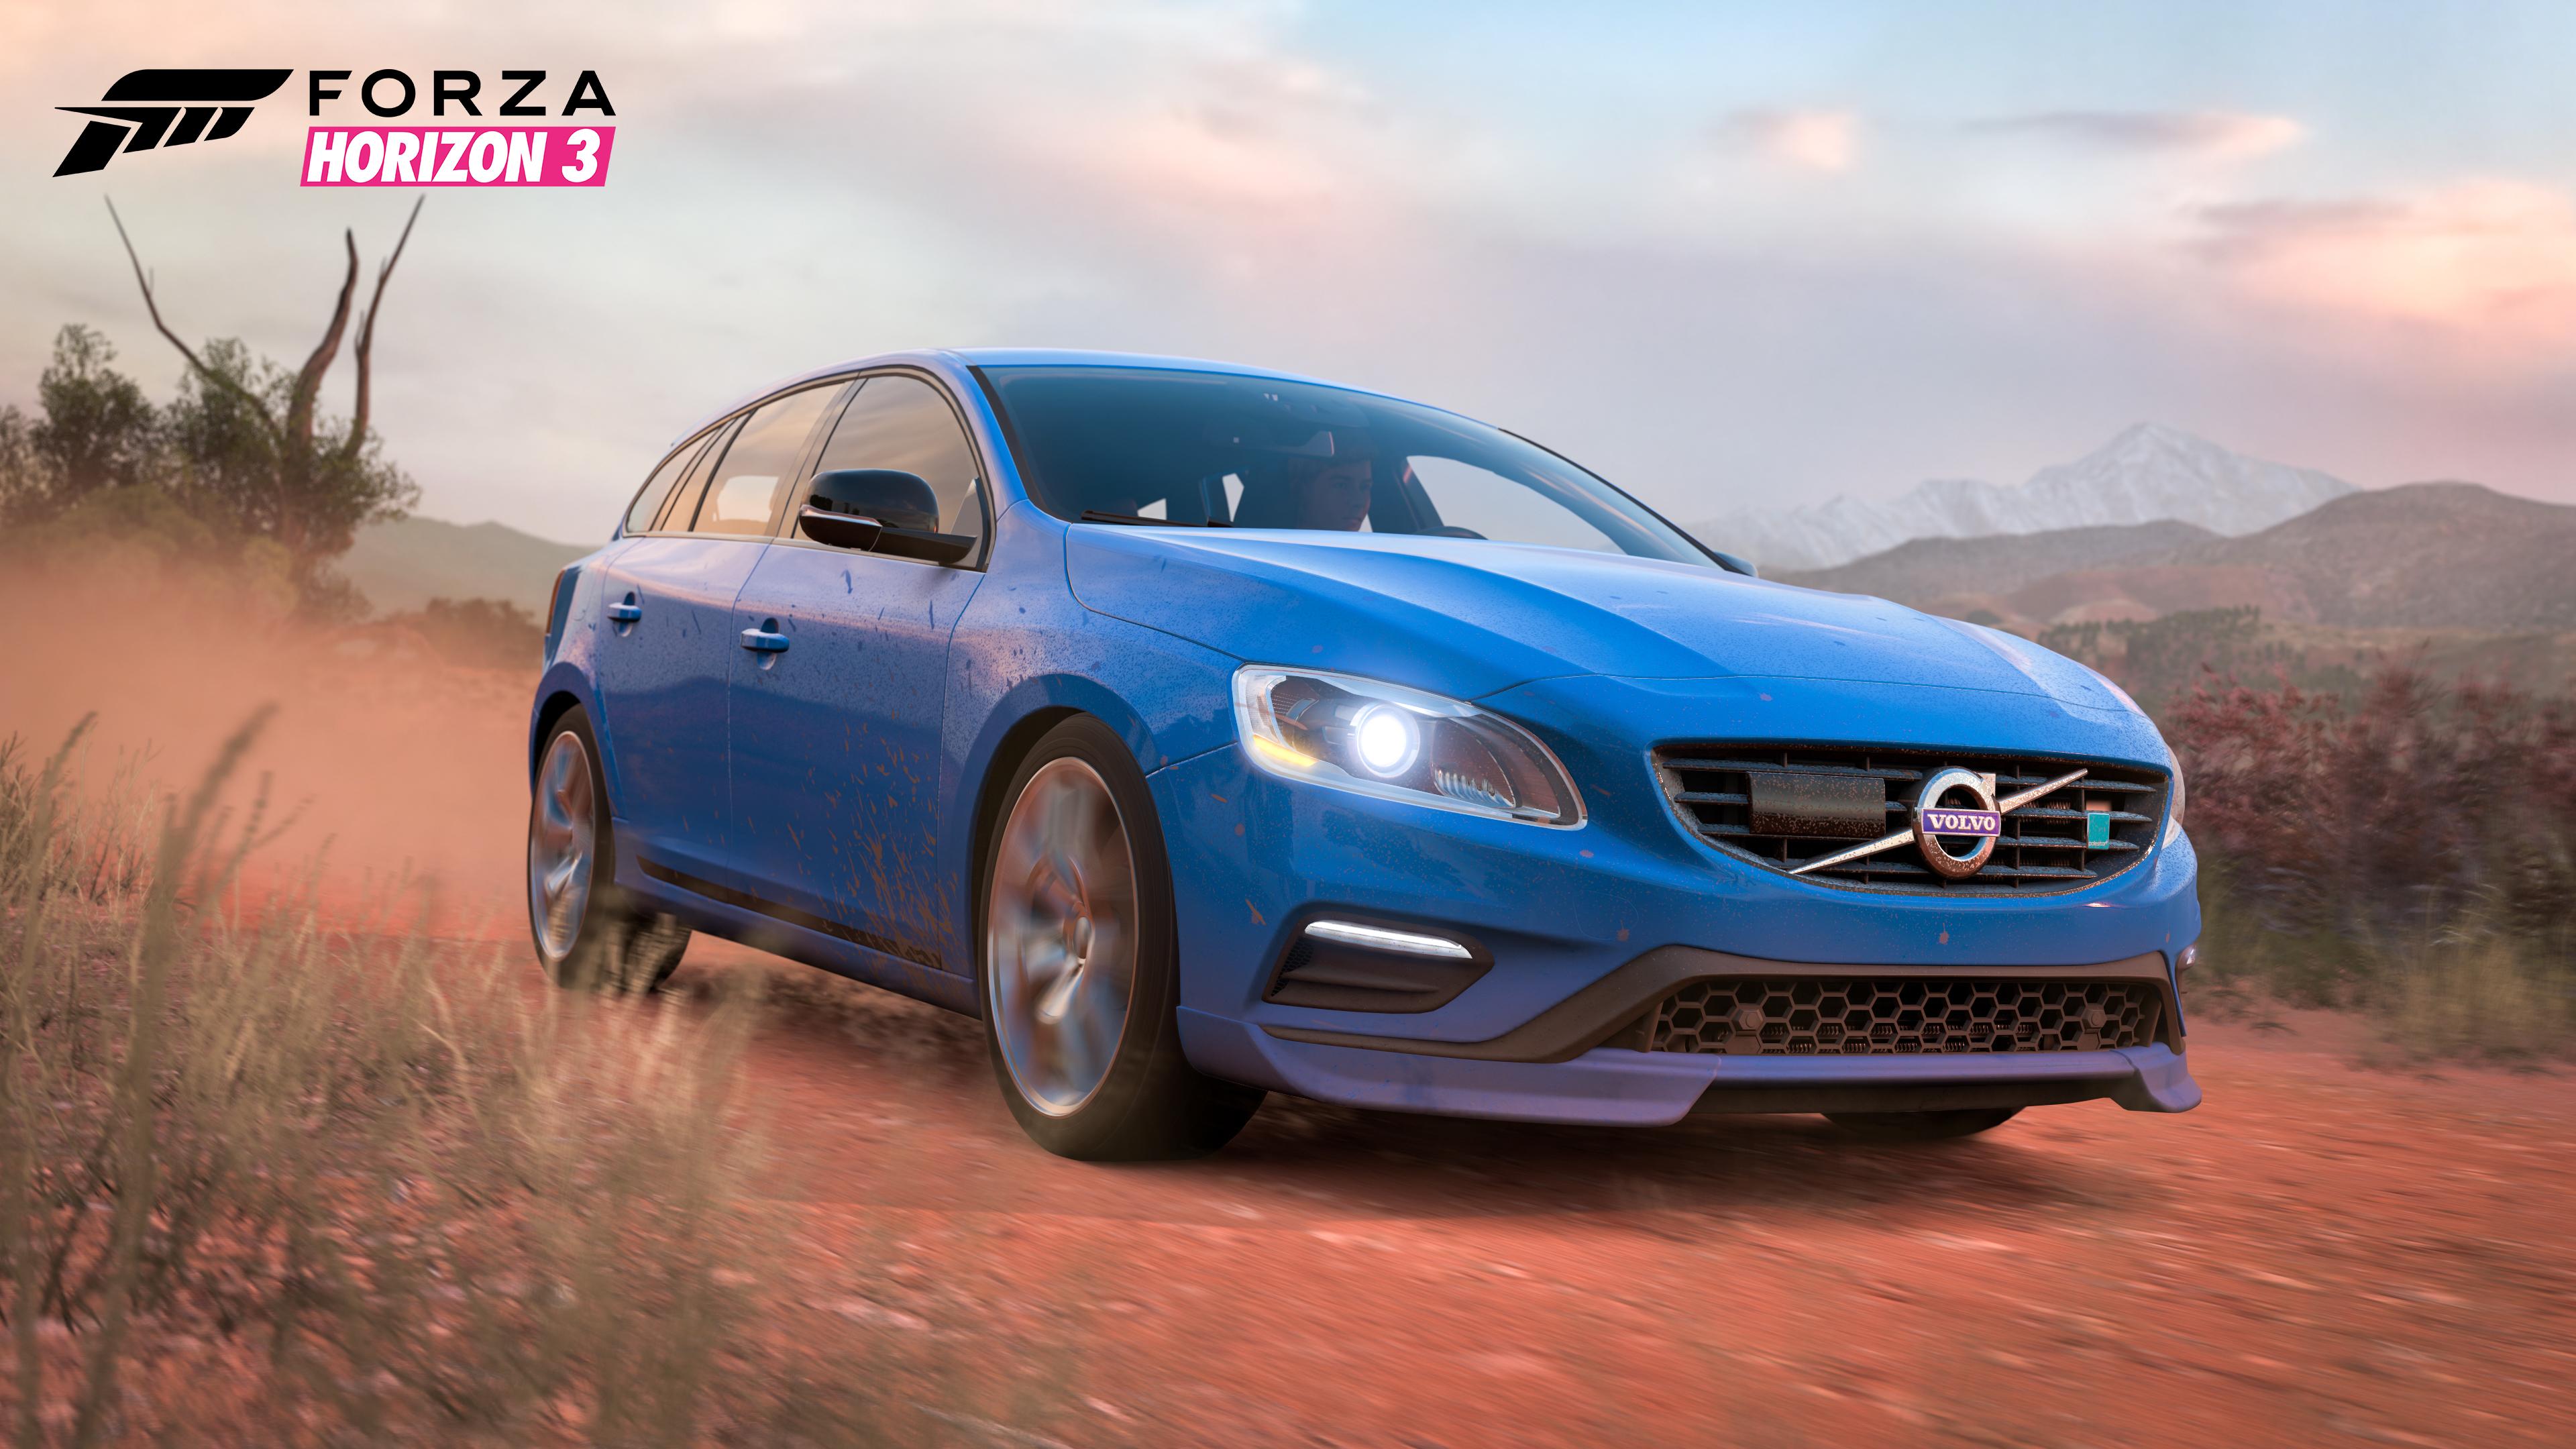 2015 Volvo V60 Polestar in Forza Horizon 3 Rockstar Car Pack